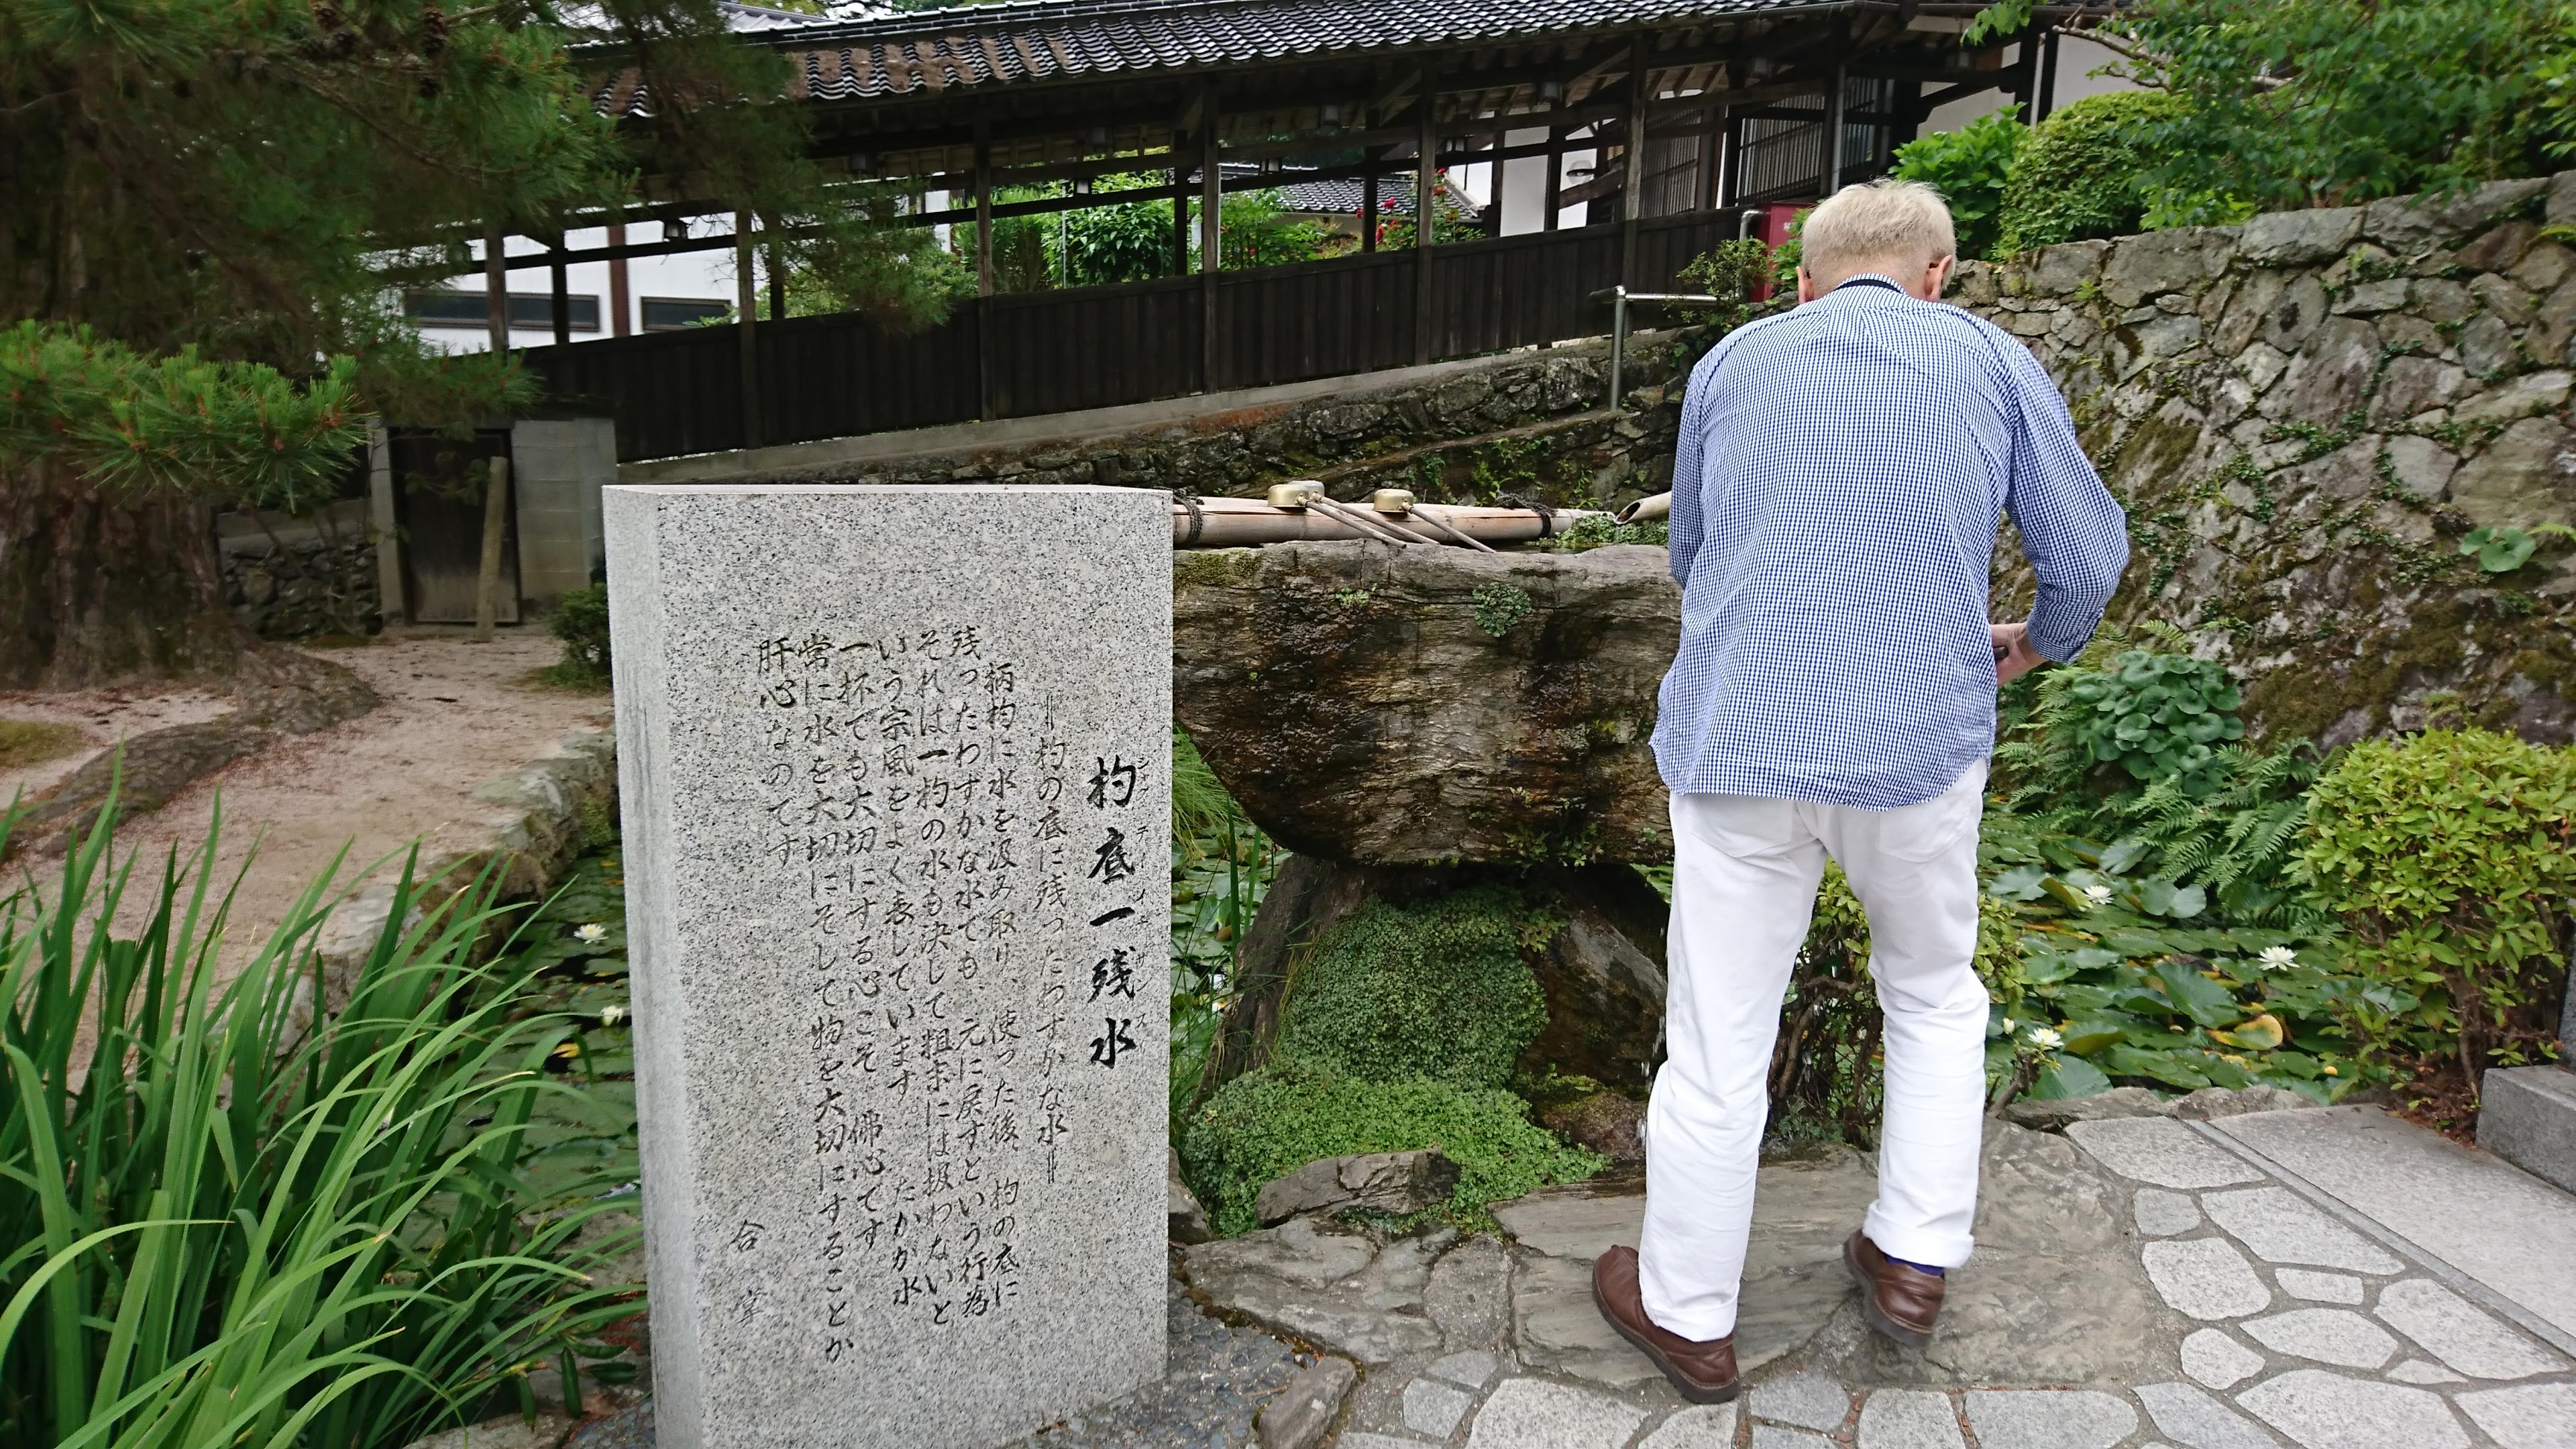 山口市の五重塔の手水舎には杓底一残水の碑がある